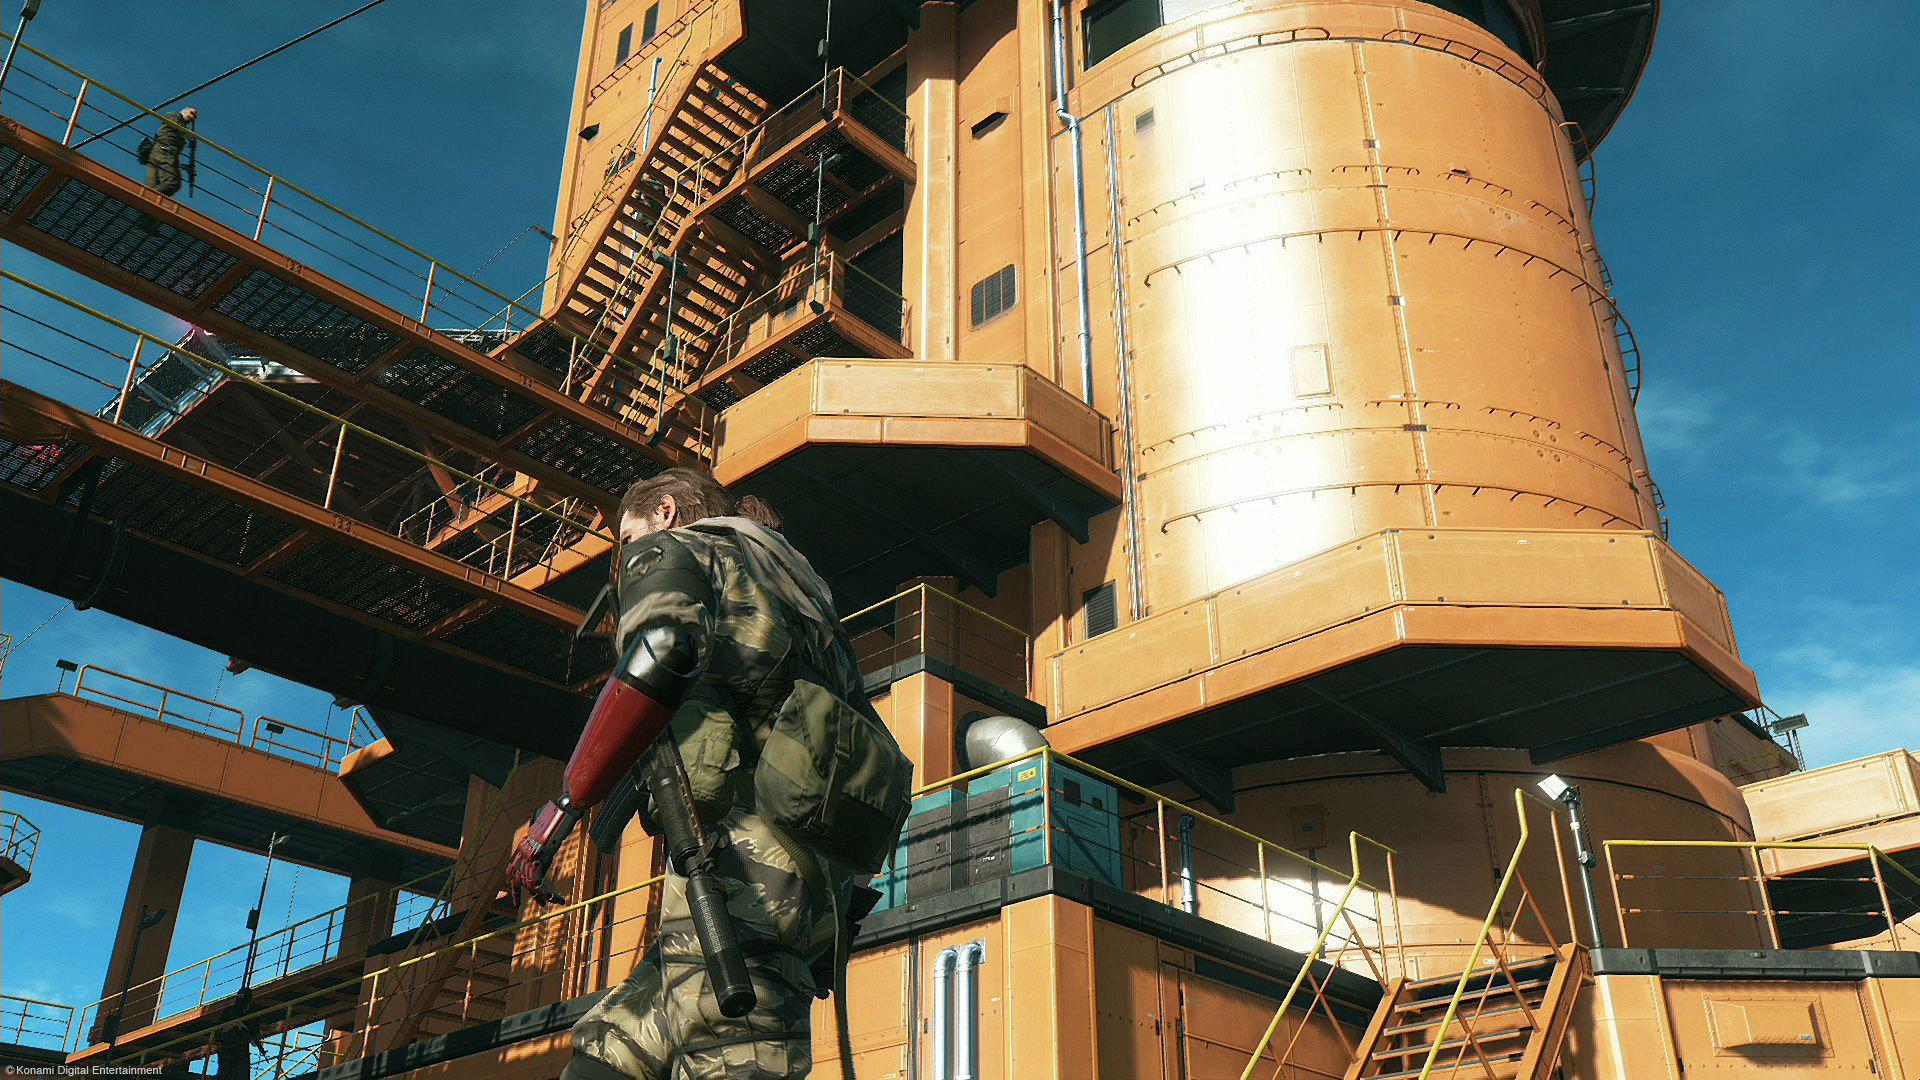 Punished Snake standing on the orange oil rig base.